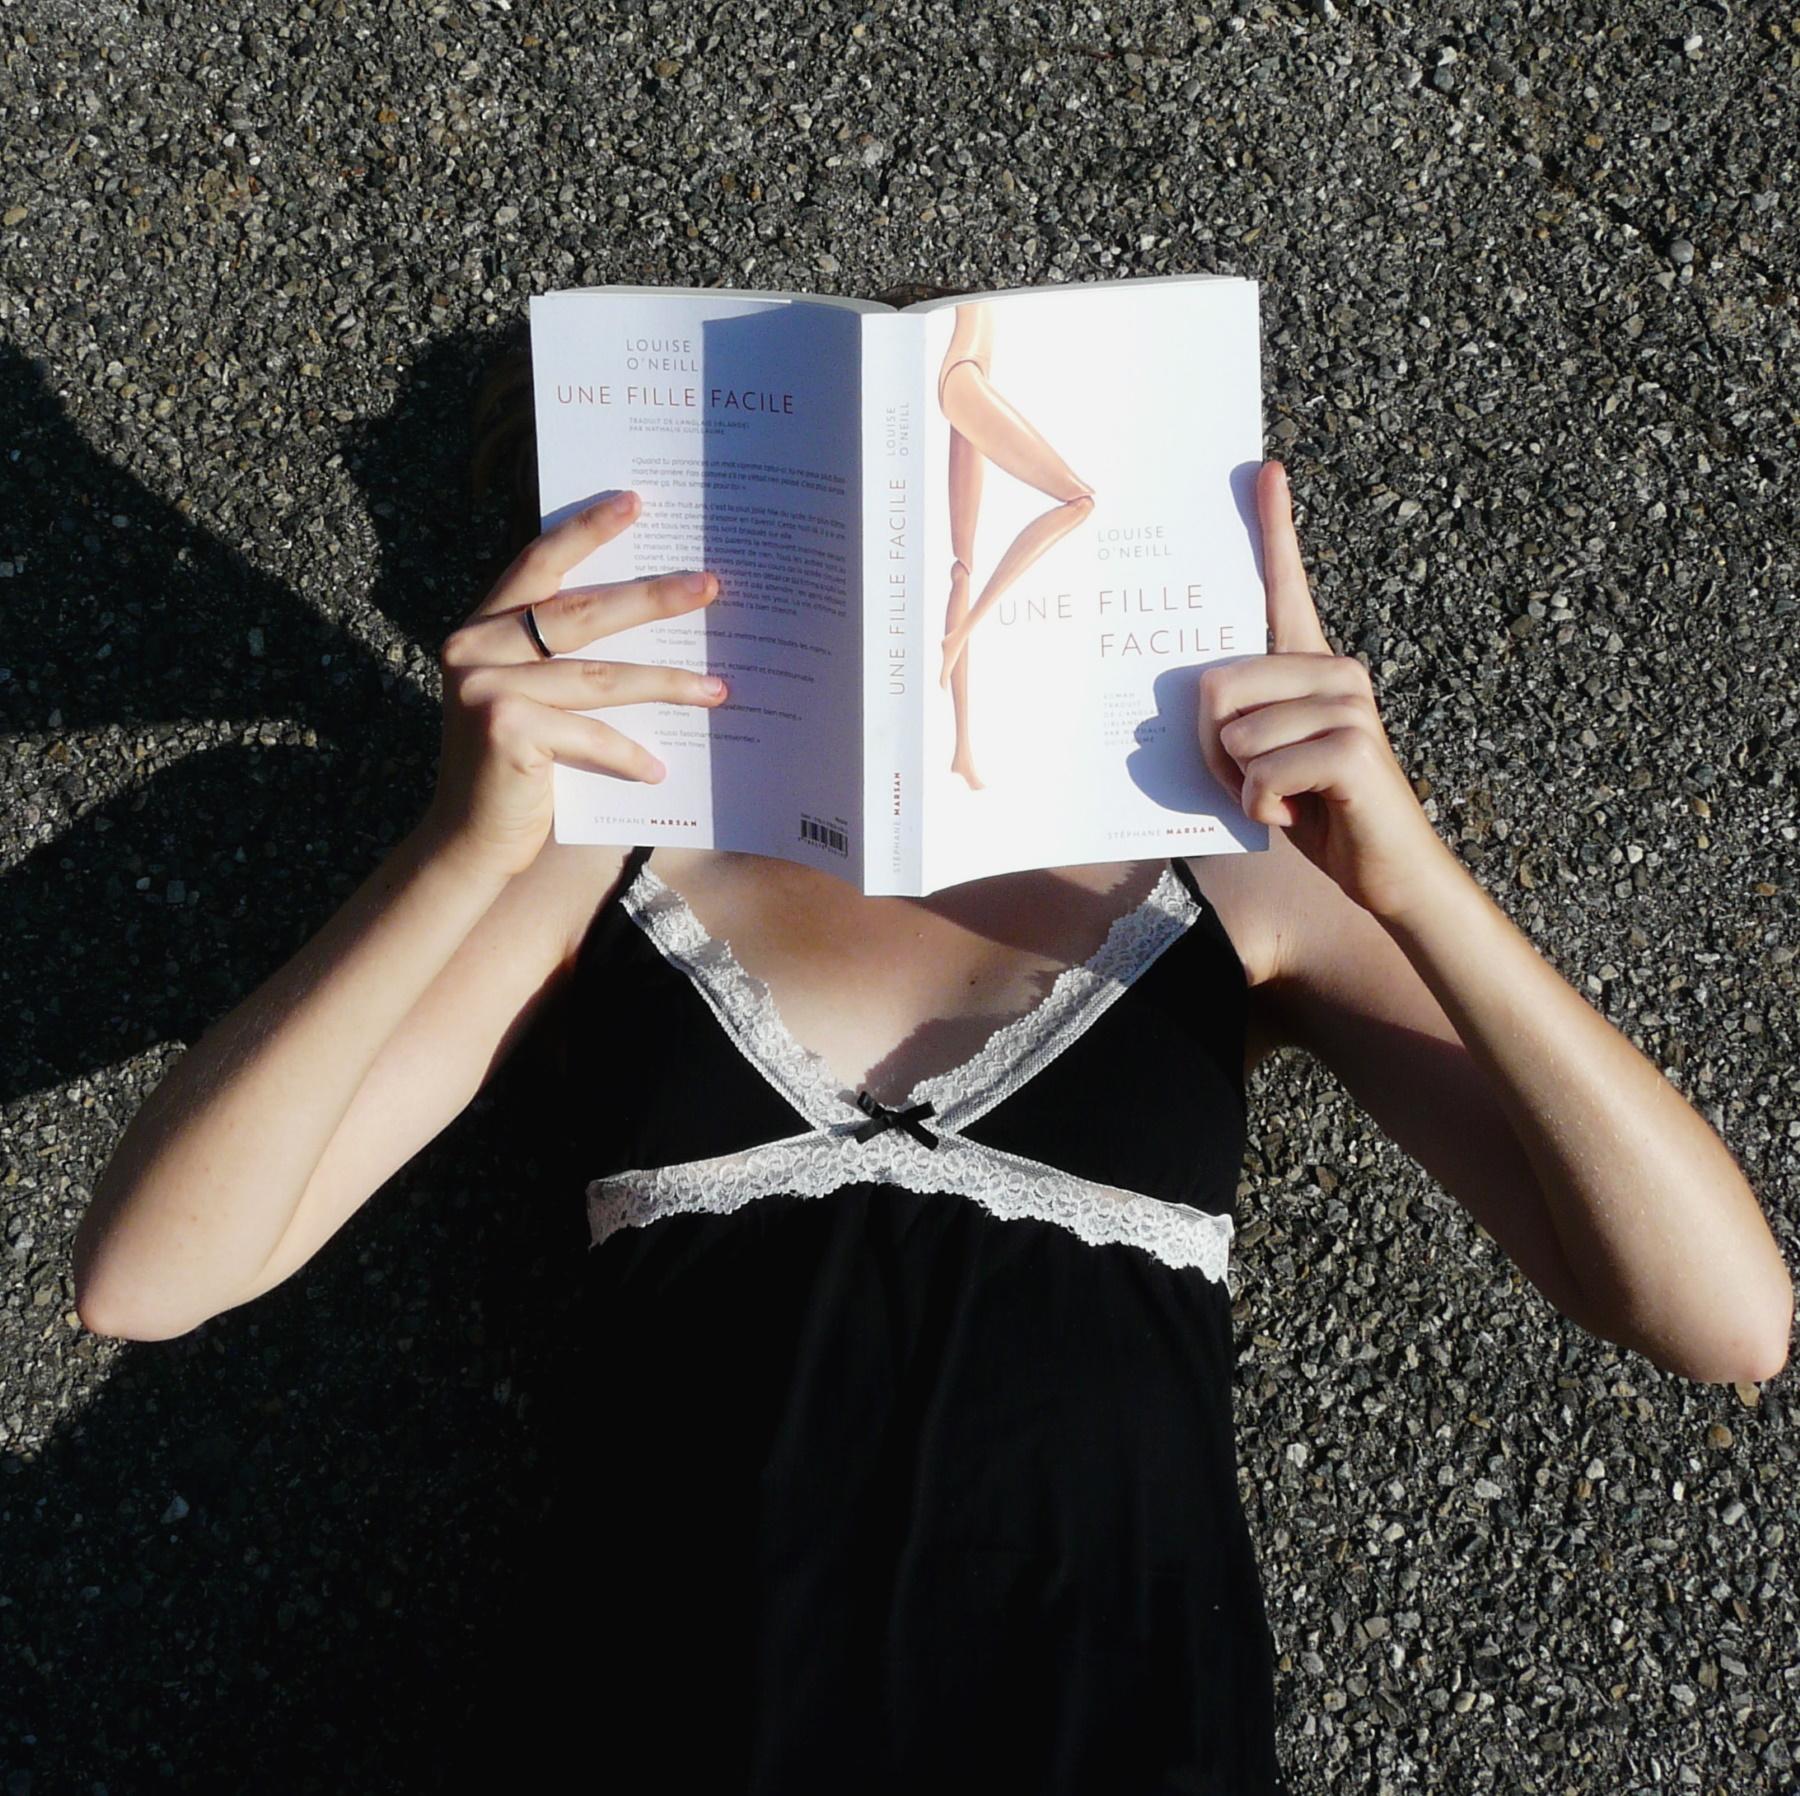 femme en nuisette lisant une fille facile allongée sur du goudron